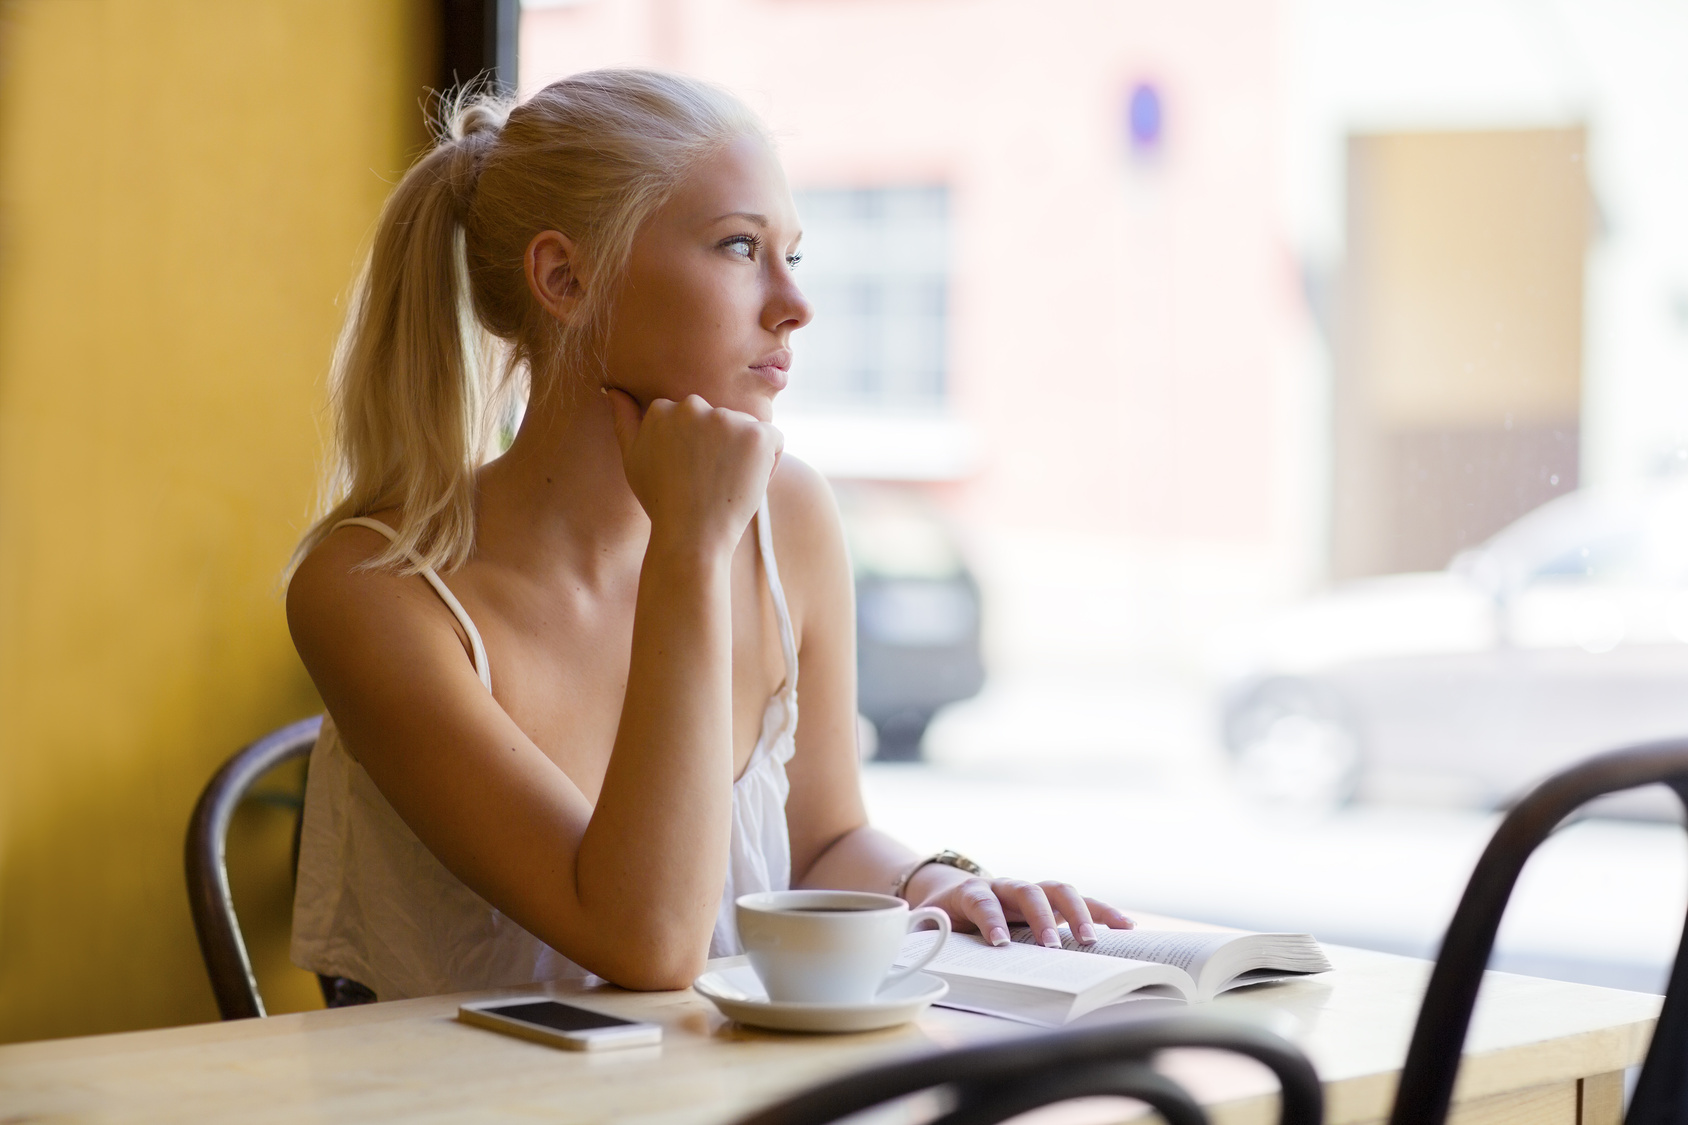 Красивые фото девушек в кафе